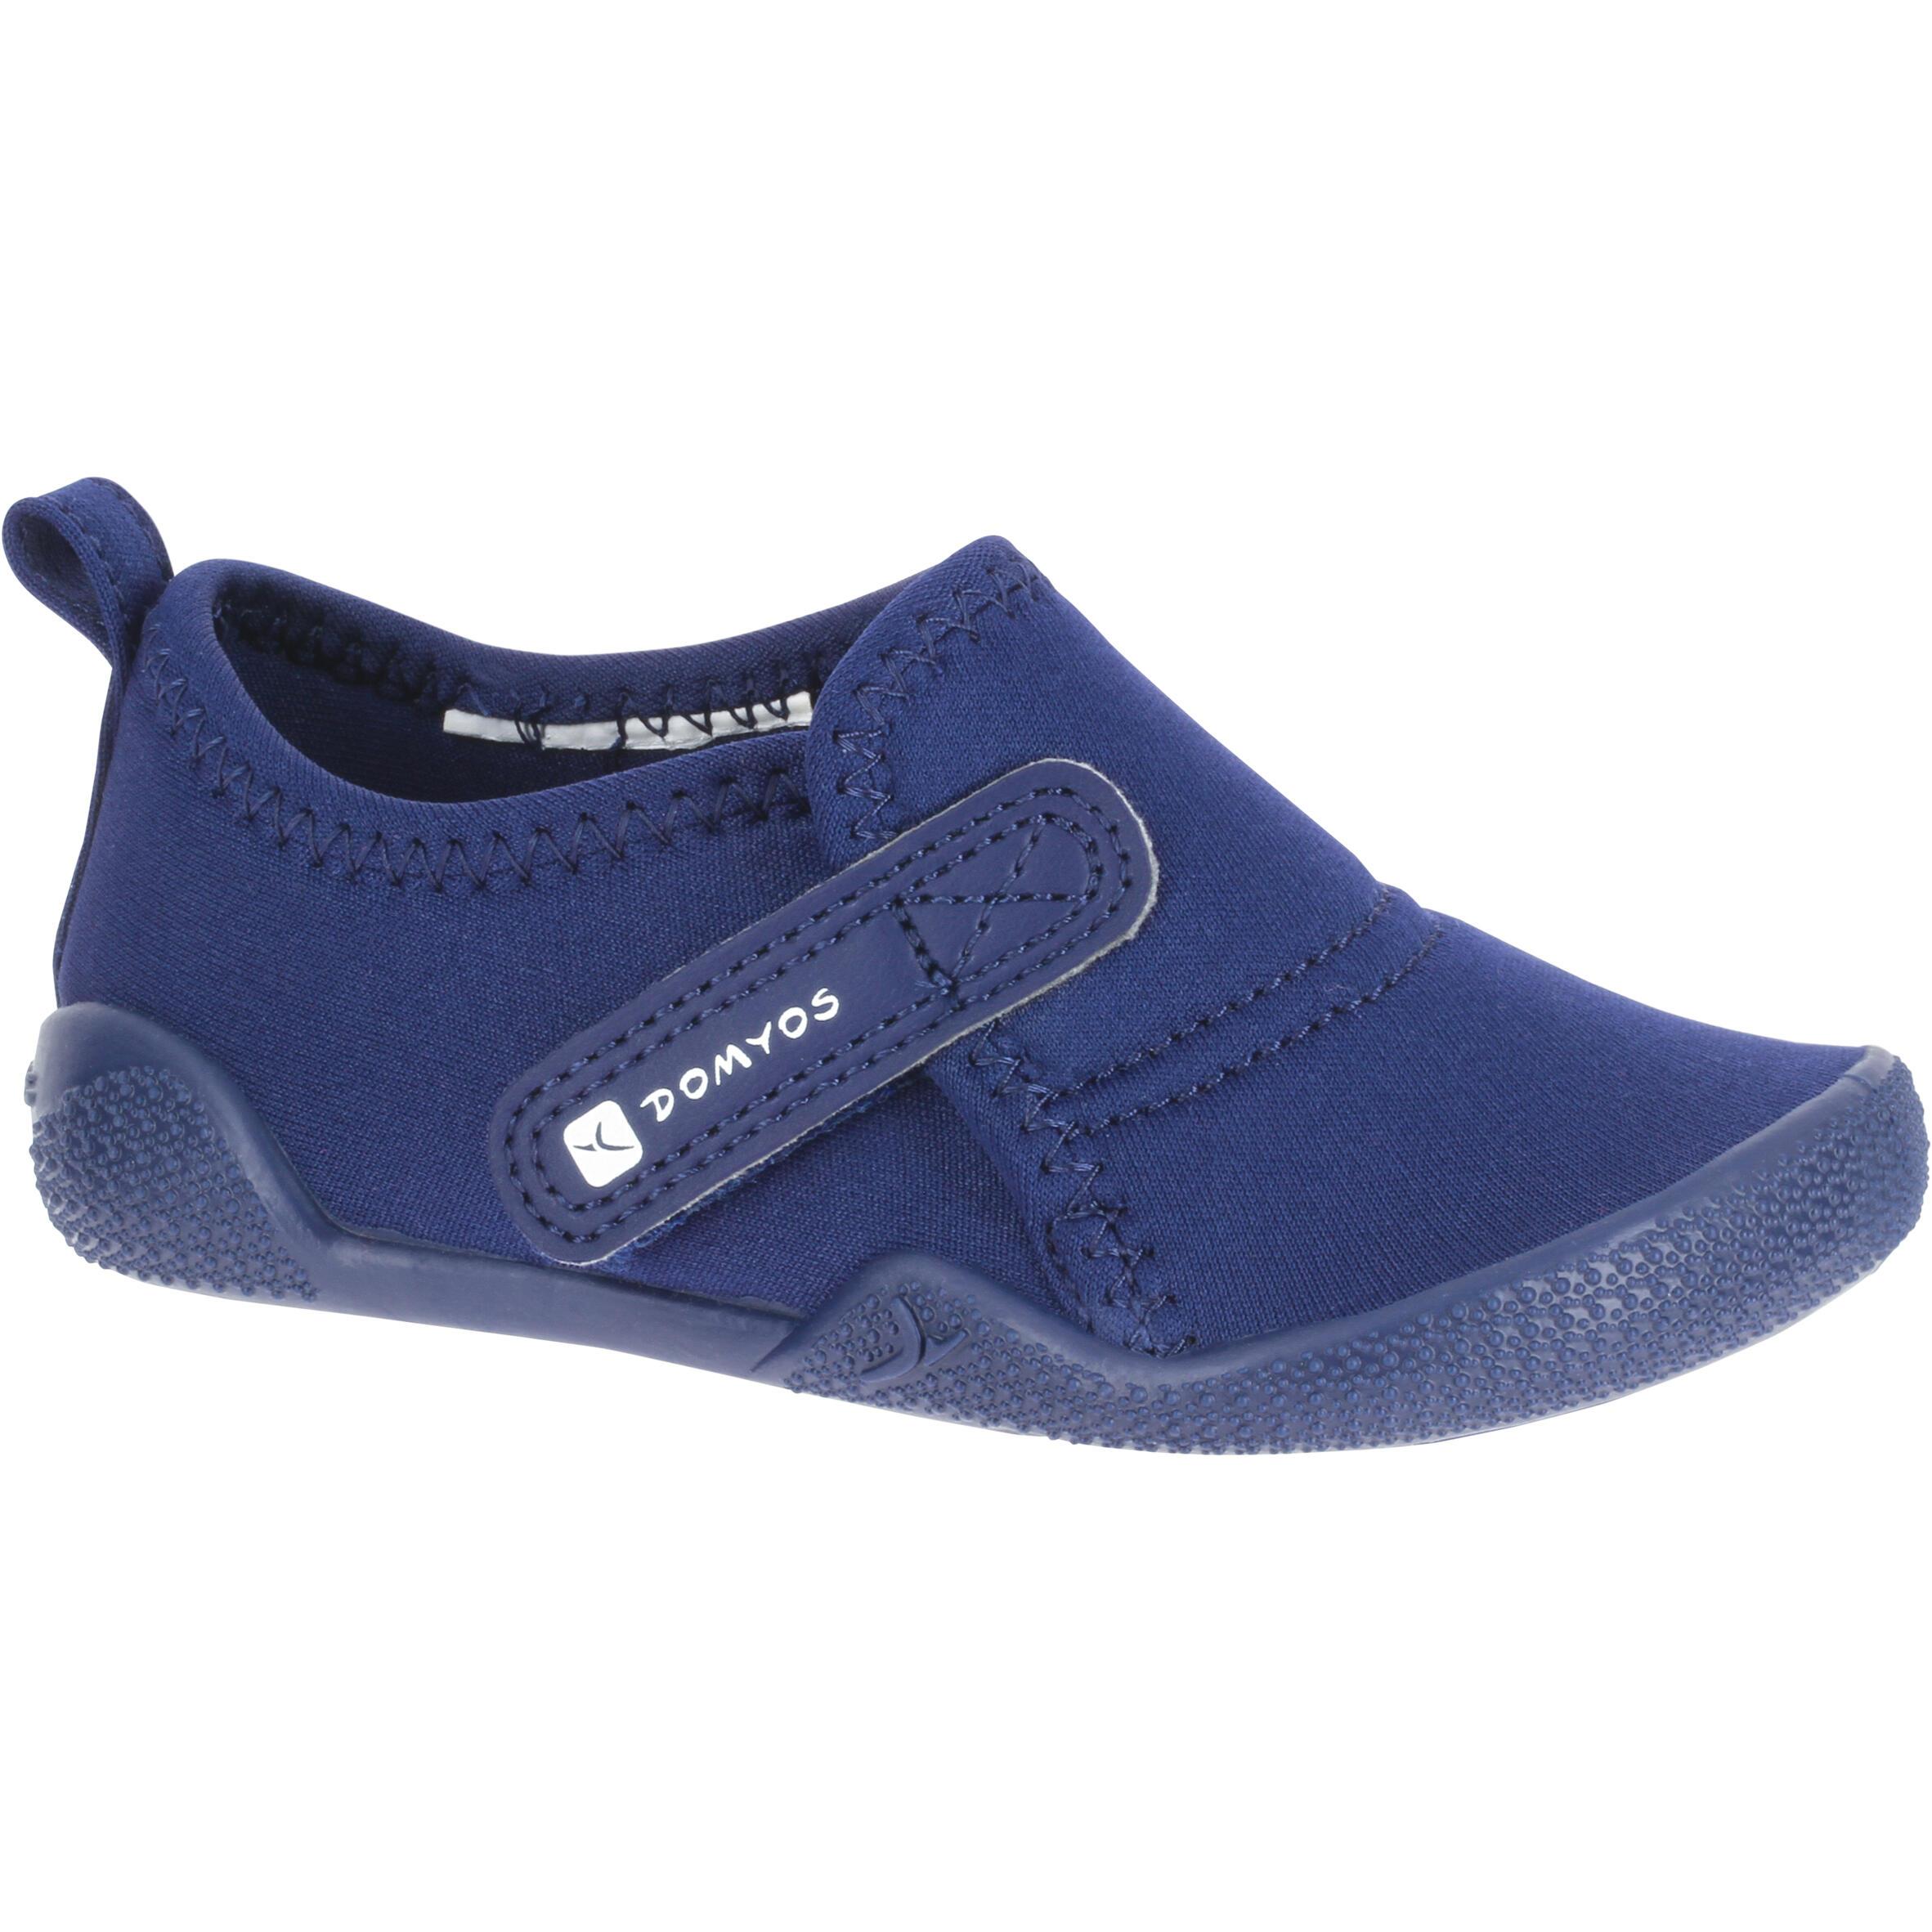 Domyos Gymschoentjes Ultralight voor kleutergym marineblauw